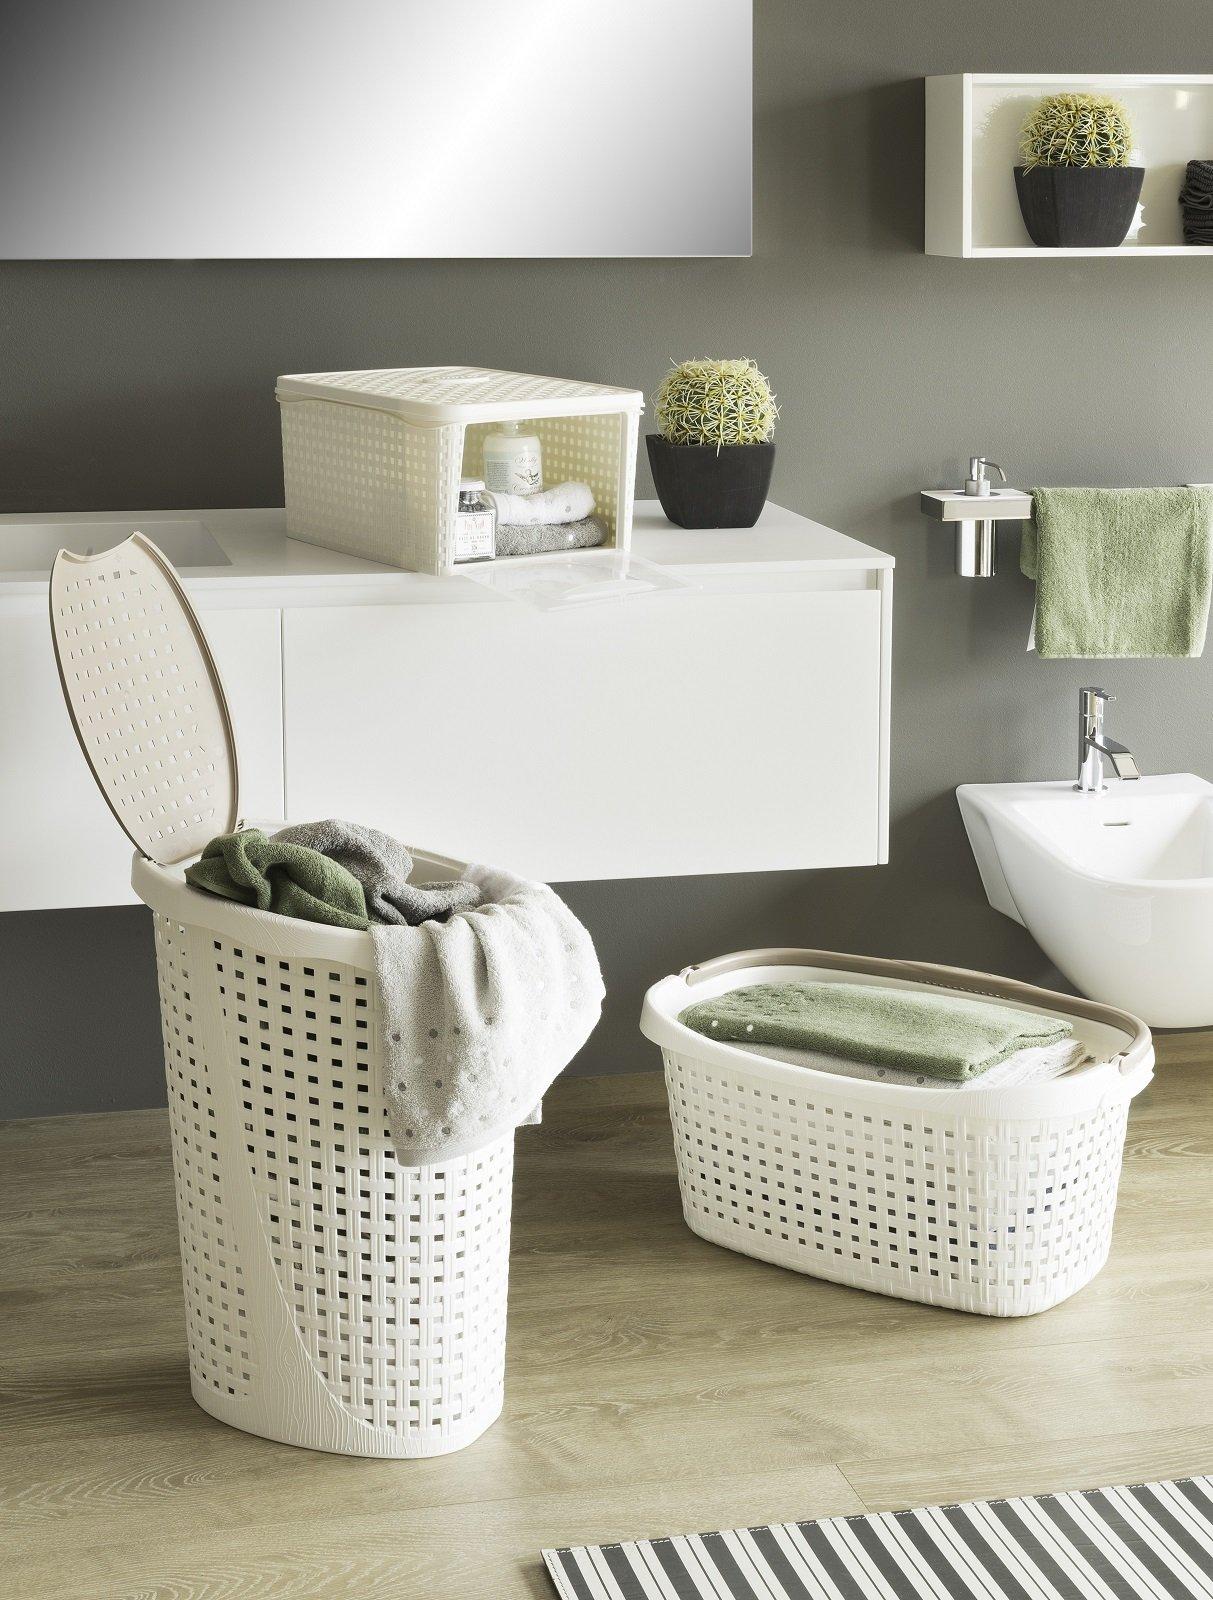 Portabiancheria belli e igienici cose di casa - Portabiancheria design ...